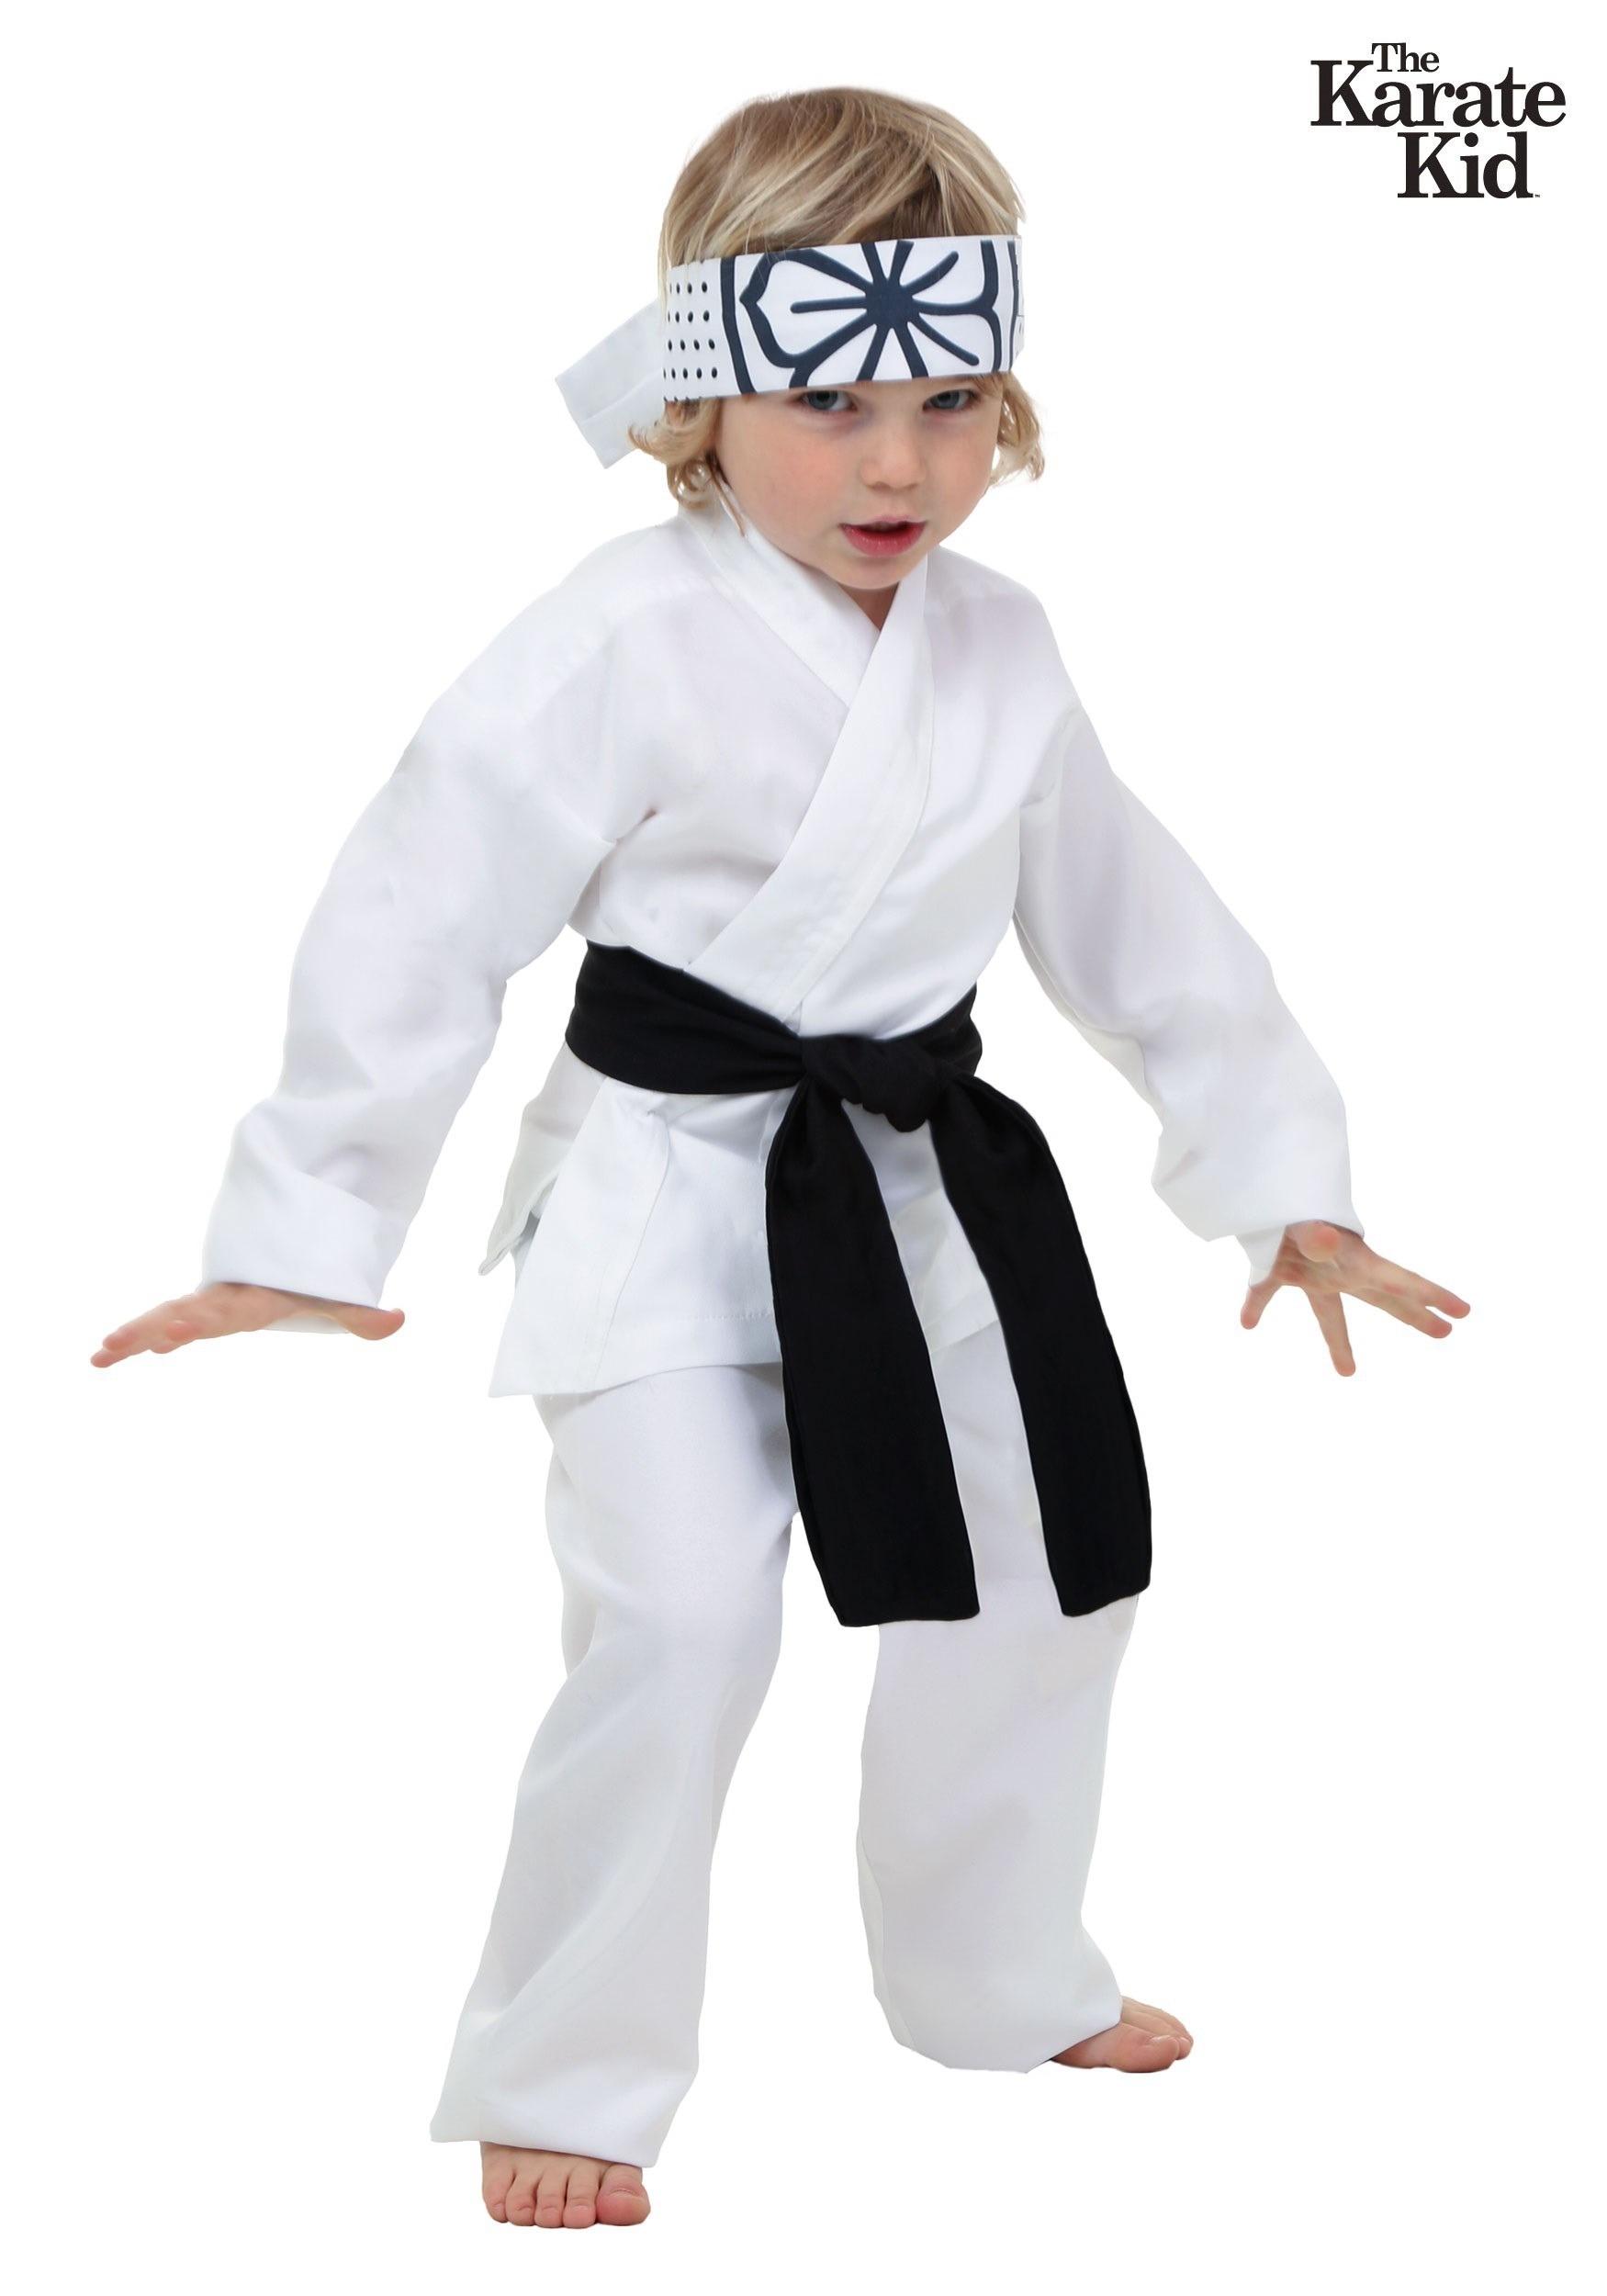 Karate Kid Halloween Costume.The Karate Kid Costume 80u0027s Movie Halloween Costume The